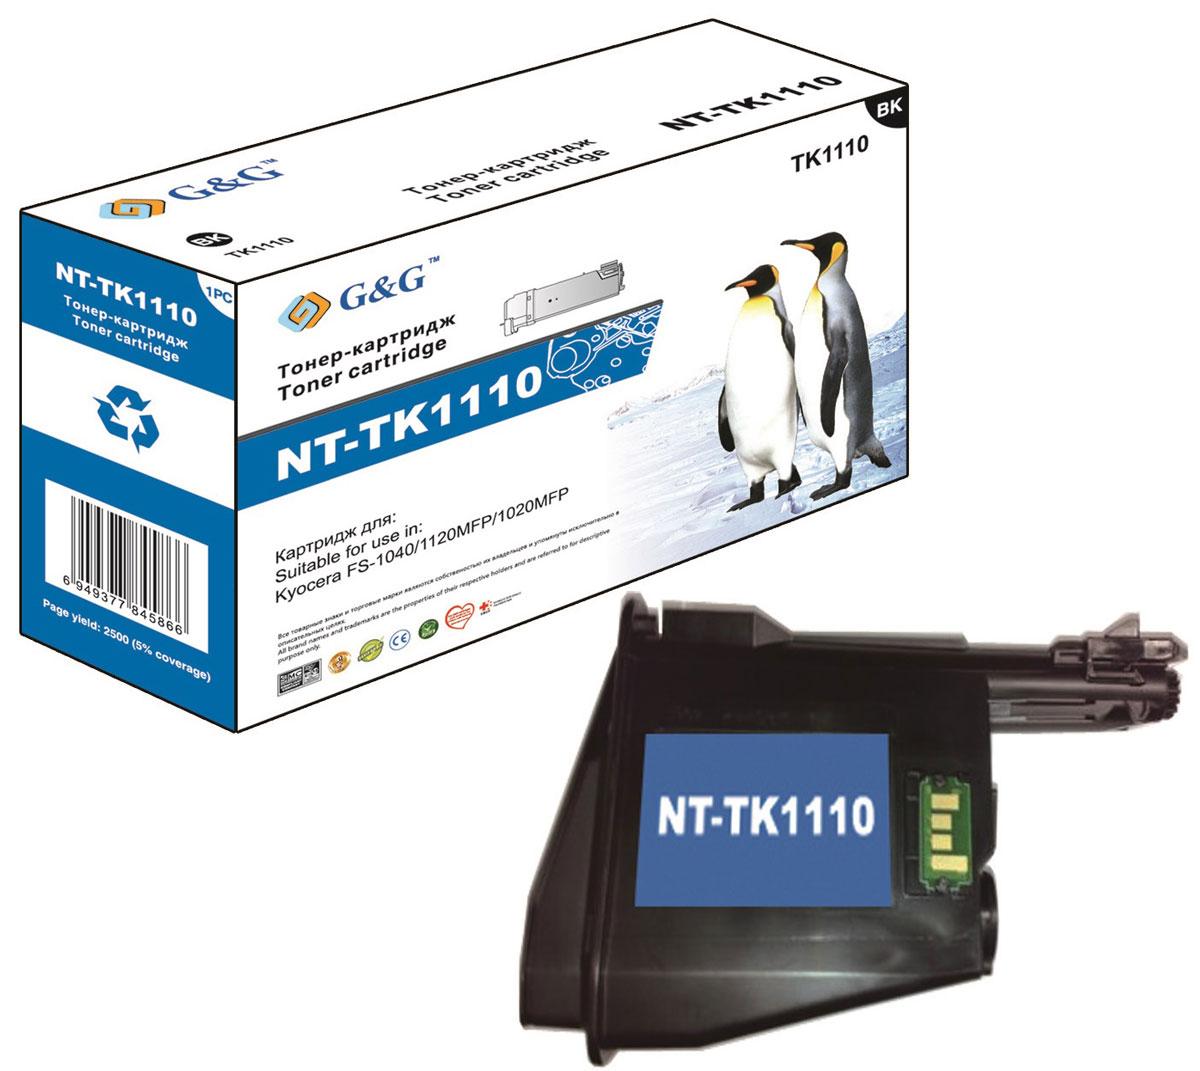 G&G NT-TK1110 тонер-картридж для Kyocera FS-1040/1020MFP/1120MFPNT-TK1110Тонер-картридж G&G NT-TK1110 для лазерных принтеров Kyocera FS-1040/1020MFP/1120MFP. Расходные материалы G&G для лазерной печати максимизируют характеристики принтера. Обеспечивают повышенную чёткость чёрного текста и плавность переходов оттенков серого цвета и полутонов, позволяют отображать мельчайшие детали изображения. Обеспечивают надежное качество печати.